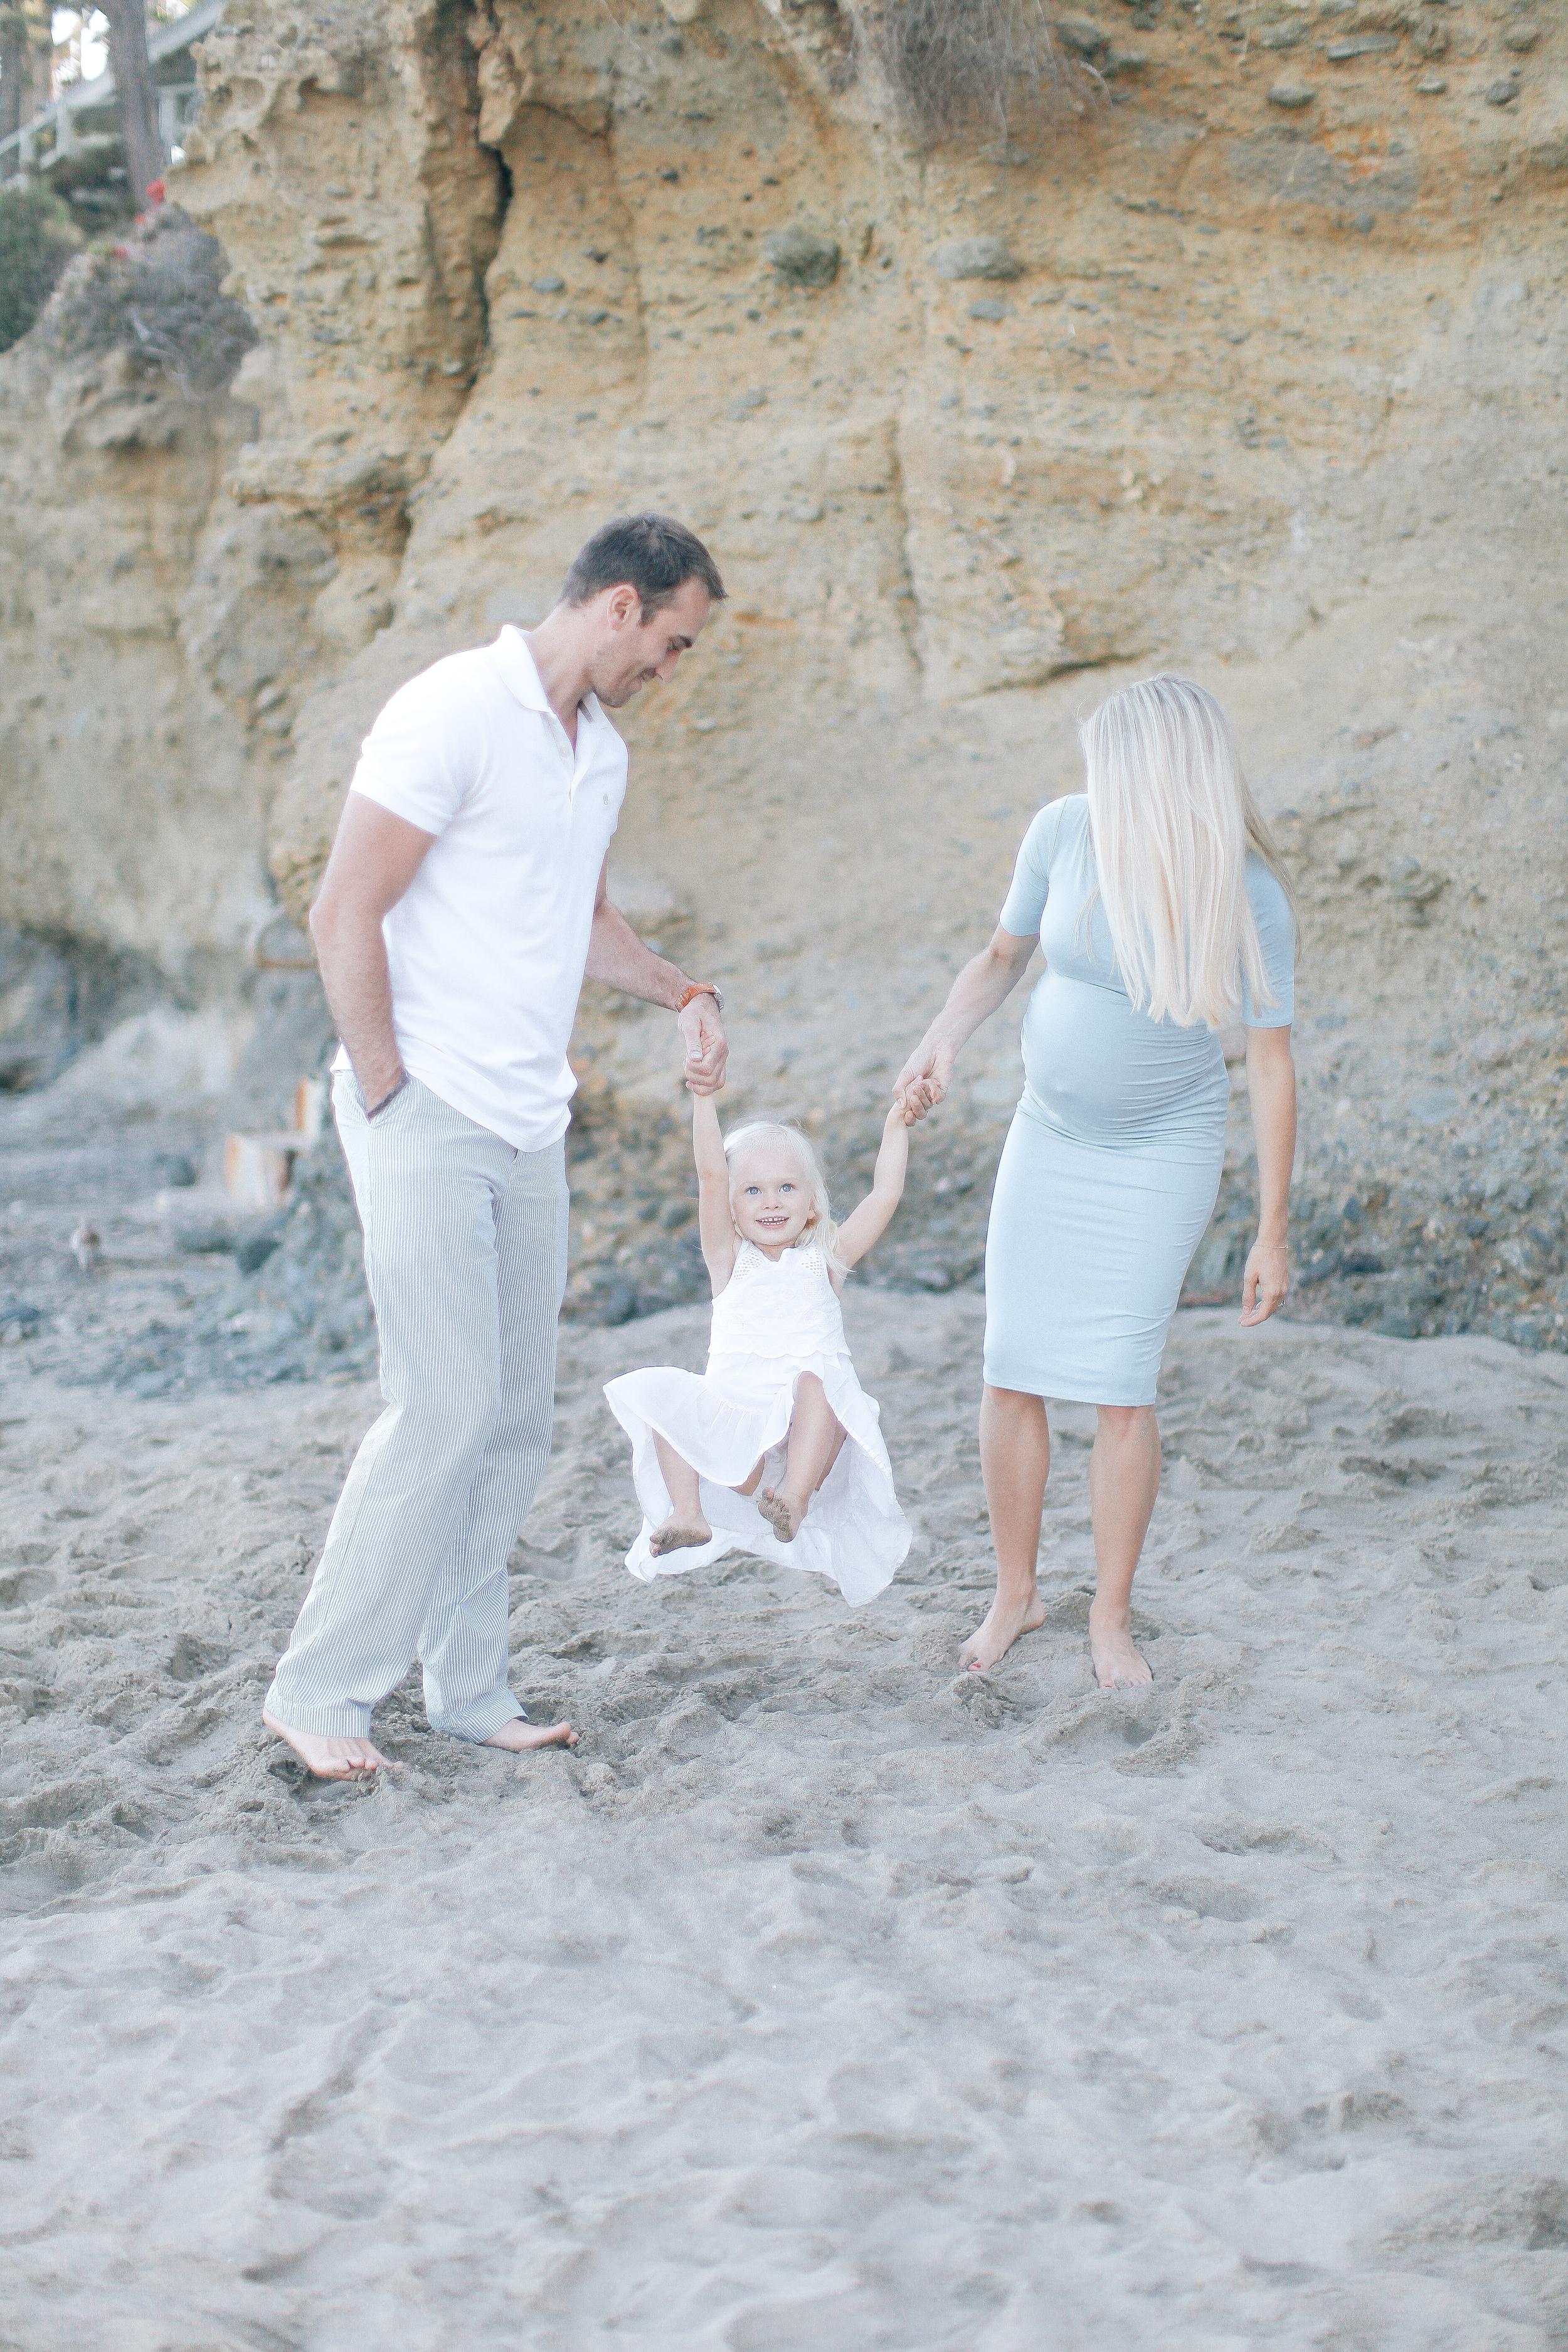 Cori Kleckner Photography-Meister Family Session1-6.JPG